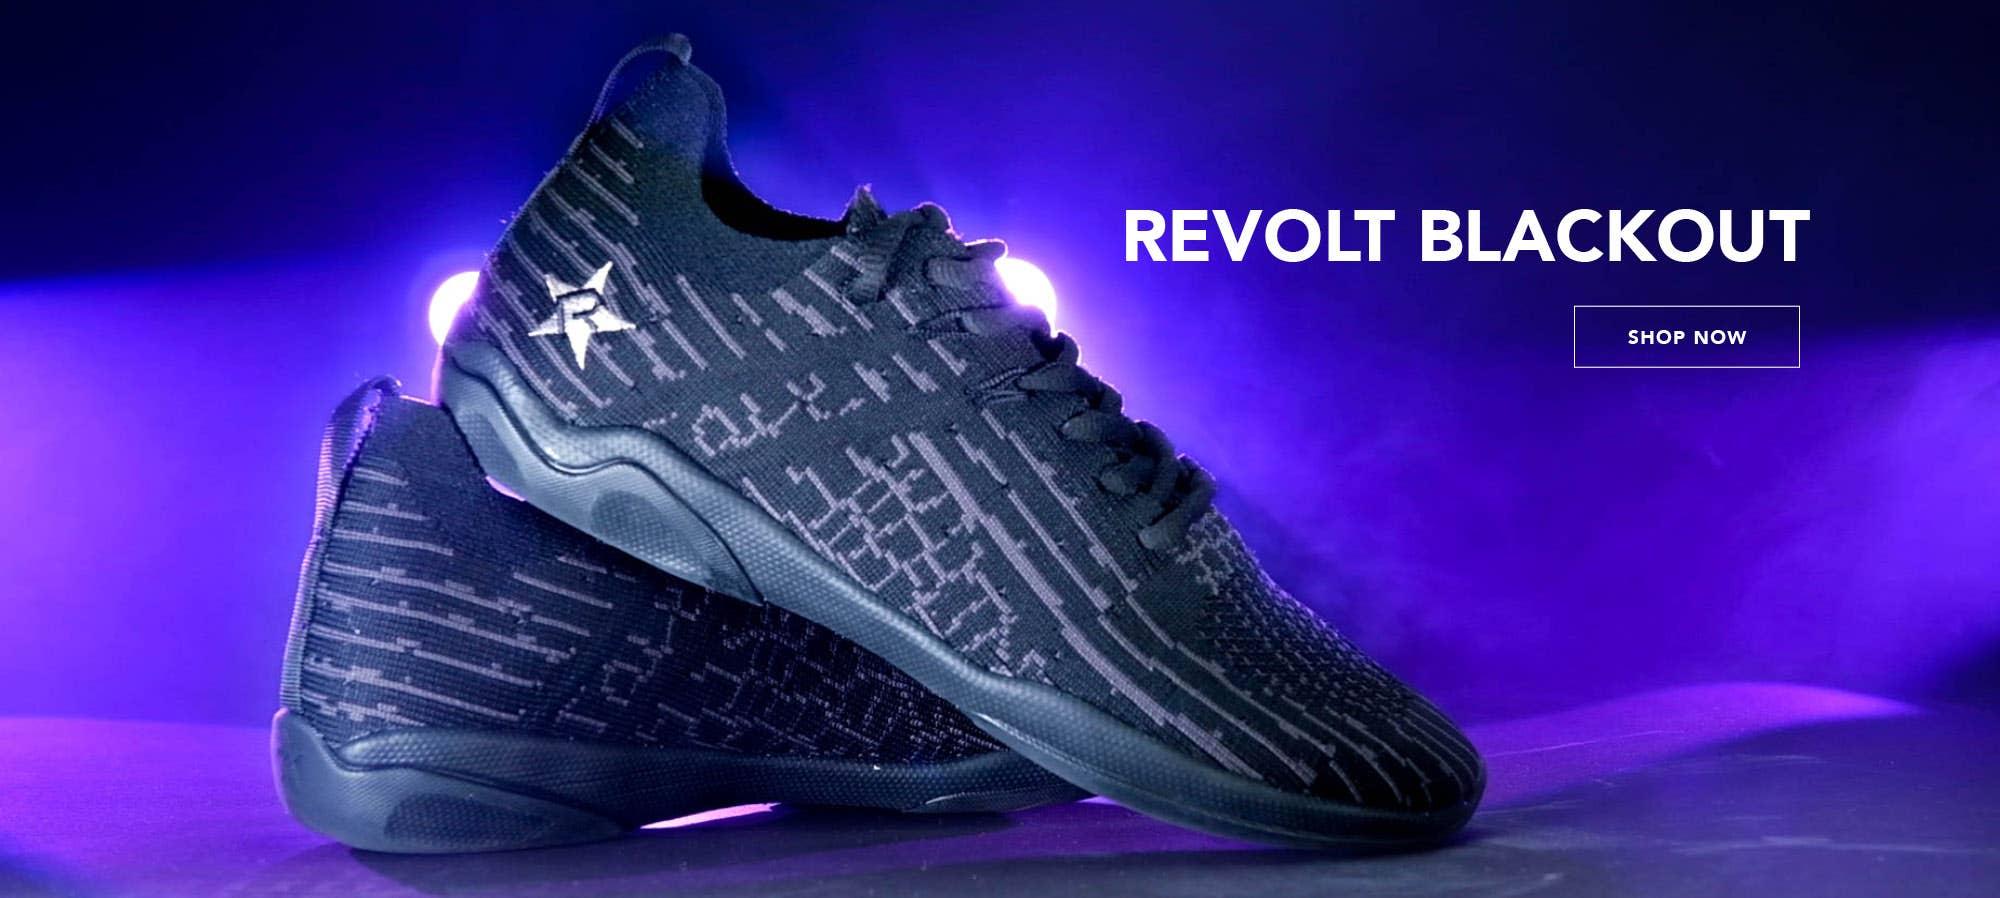 Rebel Revolt Blackout Cheer Shoes